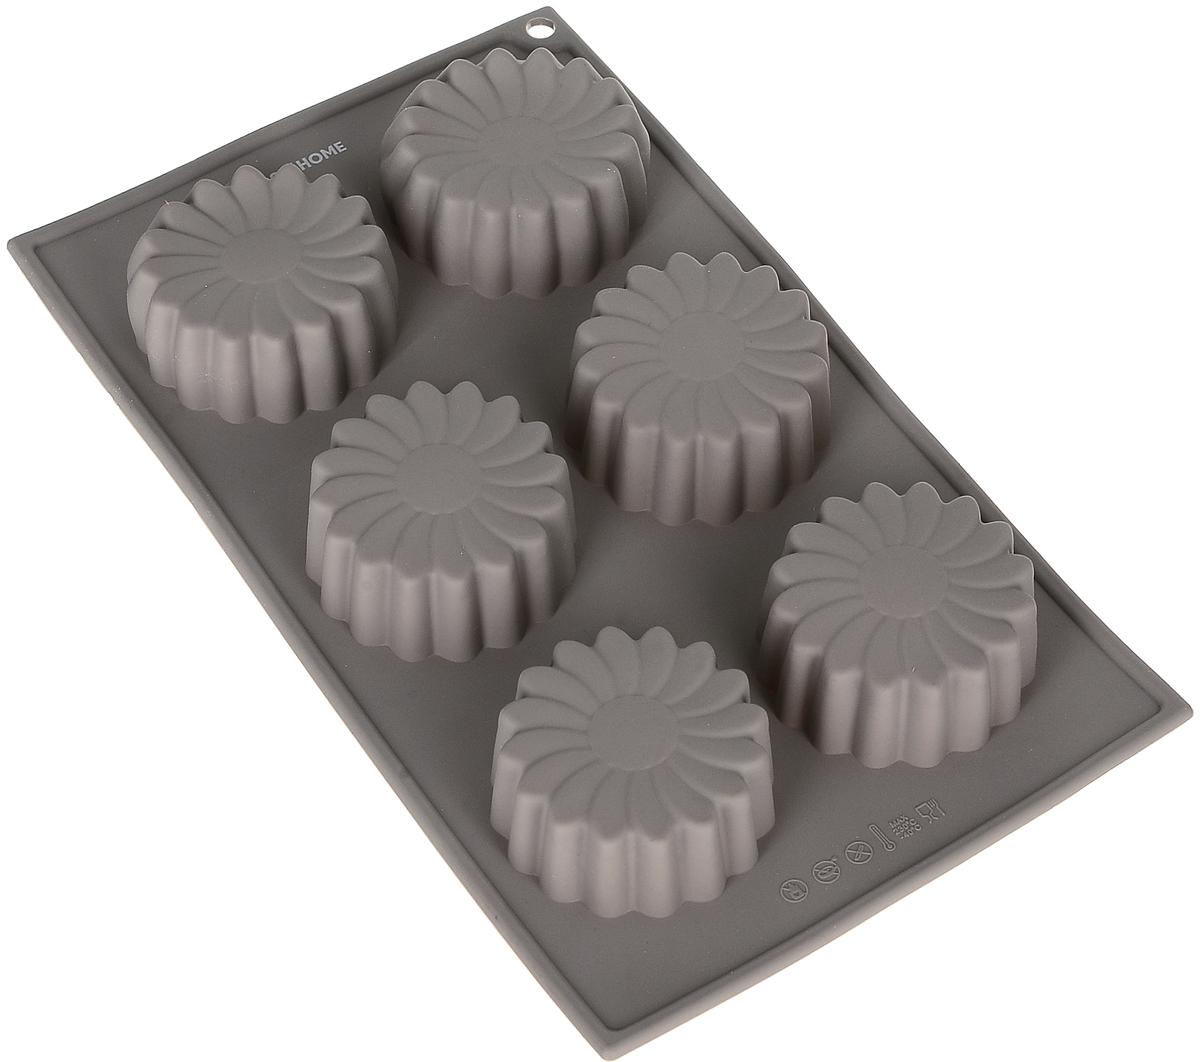 Форма для выпечки Dosh Home Gemini, 30 см x 18 см25.25.94;25.25.94Форма для выпечки Dosh Home Gemini отлично подходит для приготовления сладких и соленых блюд. Форма предотвращает пригорание,поэтому по окончании выпекания продукт легко вынимается из формы. Форма изготовлена из термостойкого силикона высокого качества,устойчивого до 180 °С. Форму легко чистить, она не занимает много места. Форма подходит для приготовления пищи в газовых,электрических, конвекционных и микроволновых печах, но нельзя ставить форму на открытый огонь или раскаленную конфорку.Подходитдля мытья в посудомоечной машине.